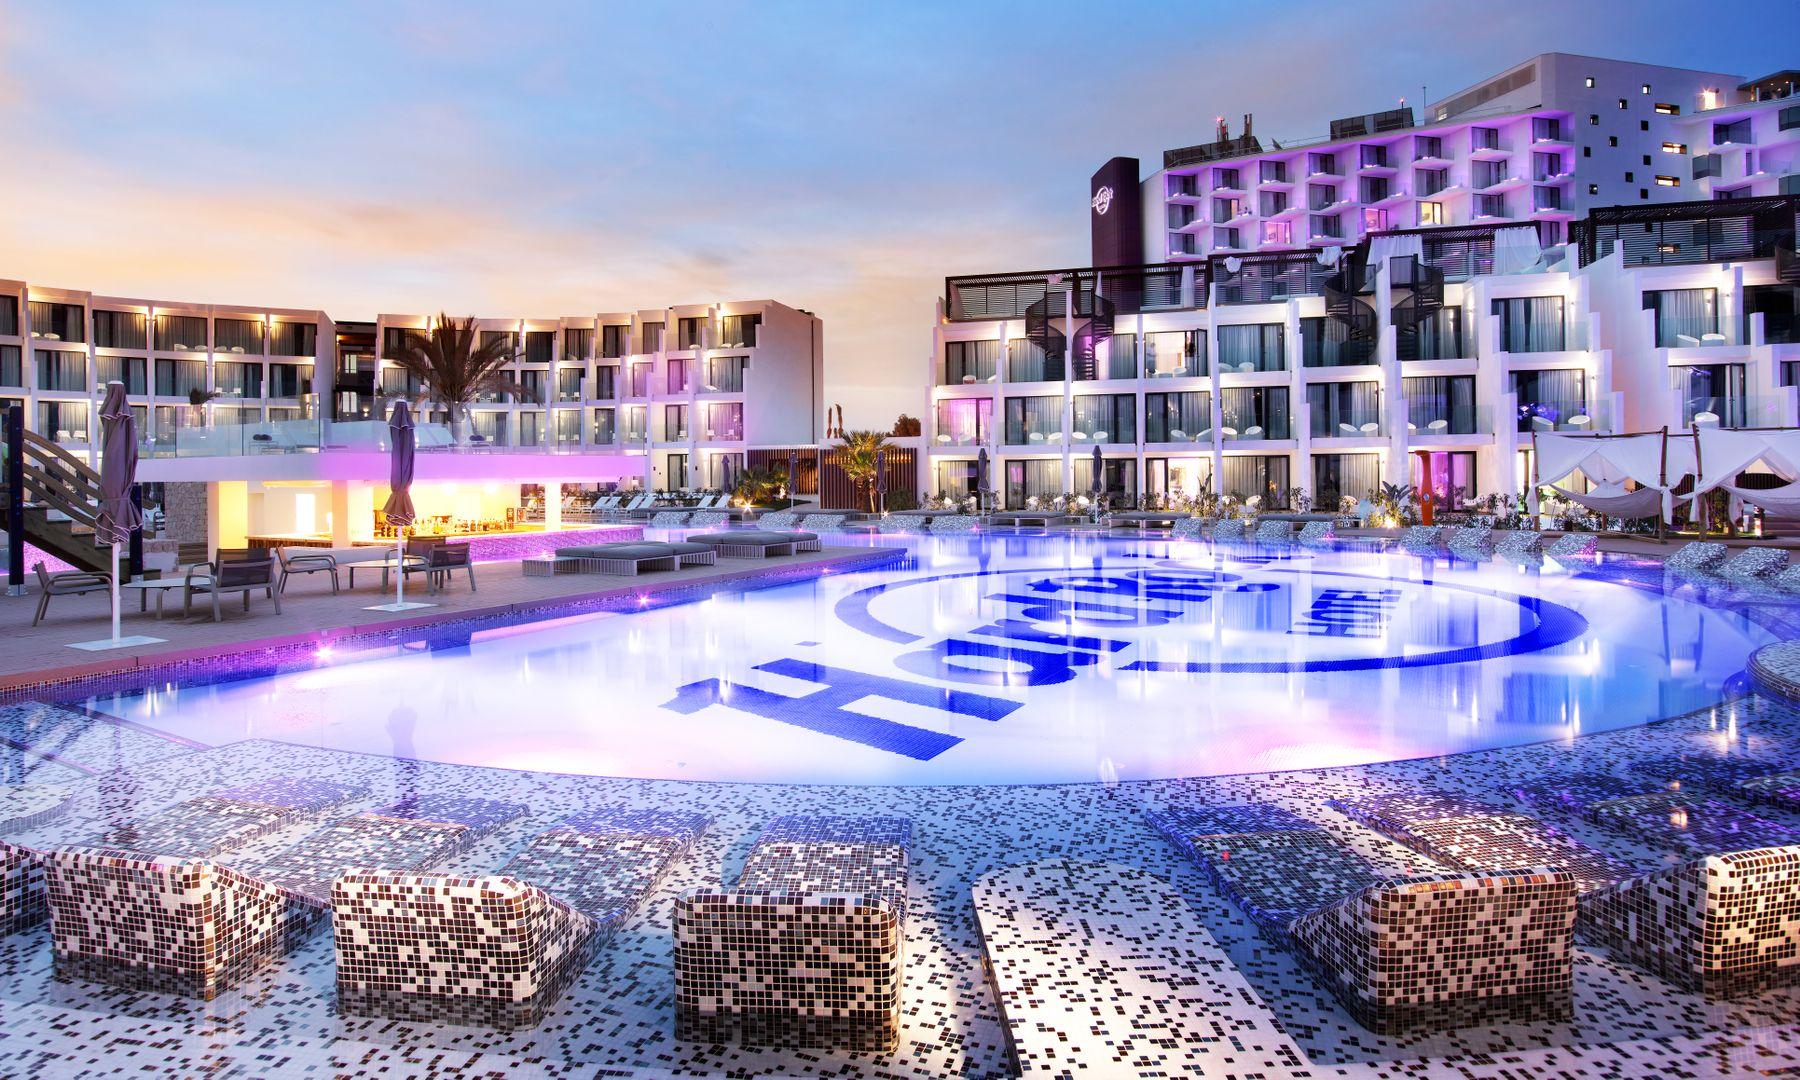 Hard Rock Hotel Ibiza - Balearic Islands